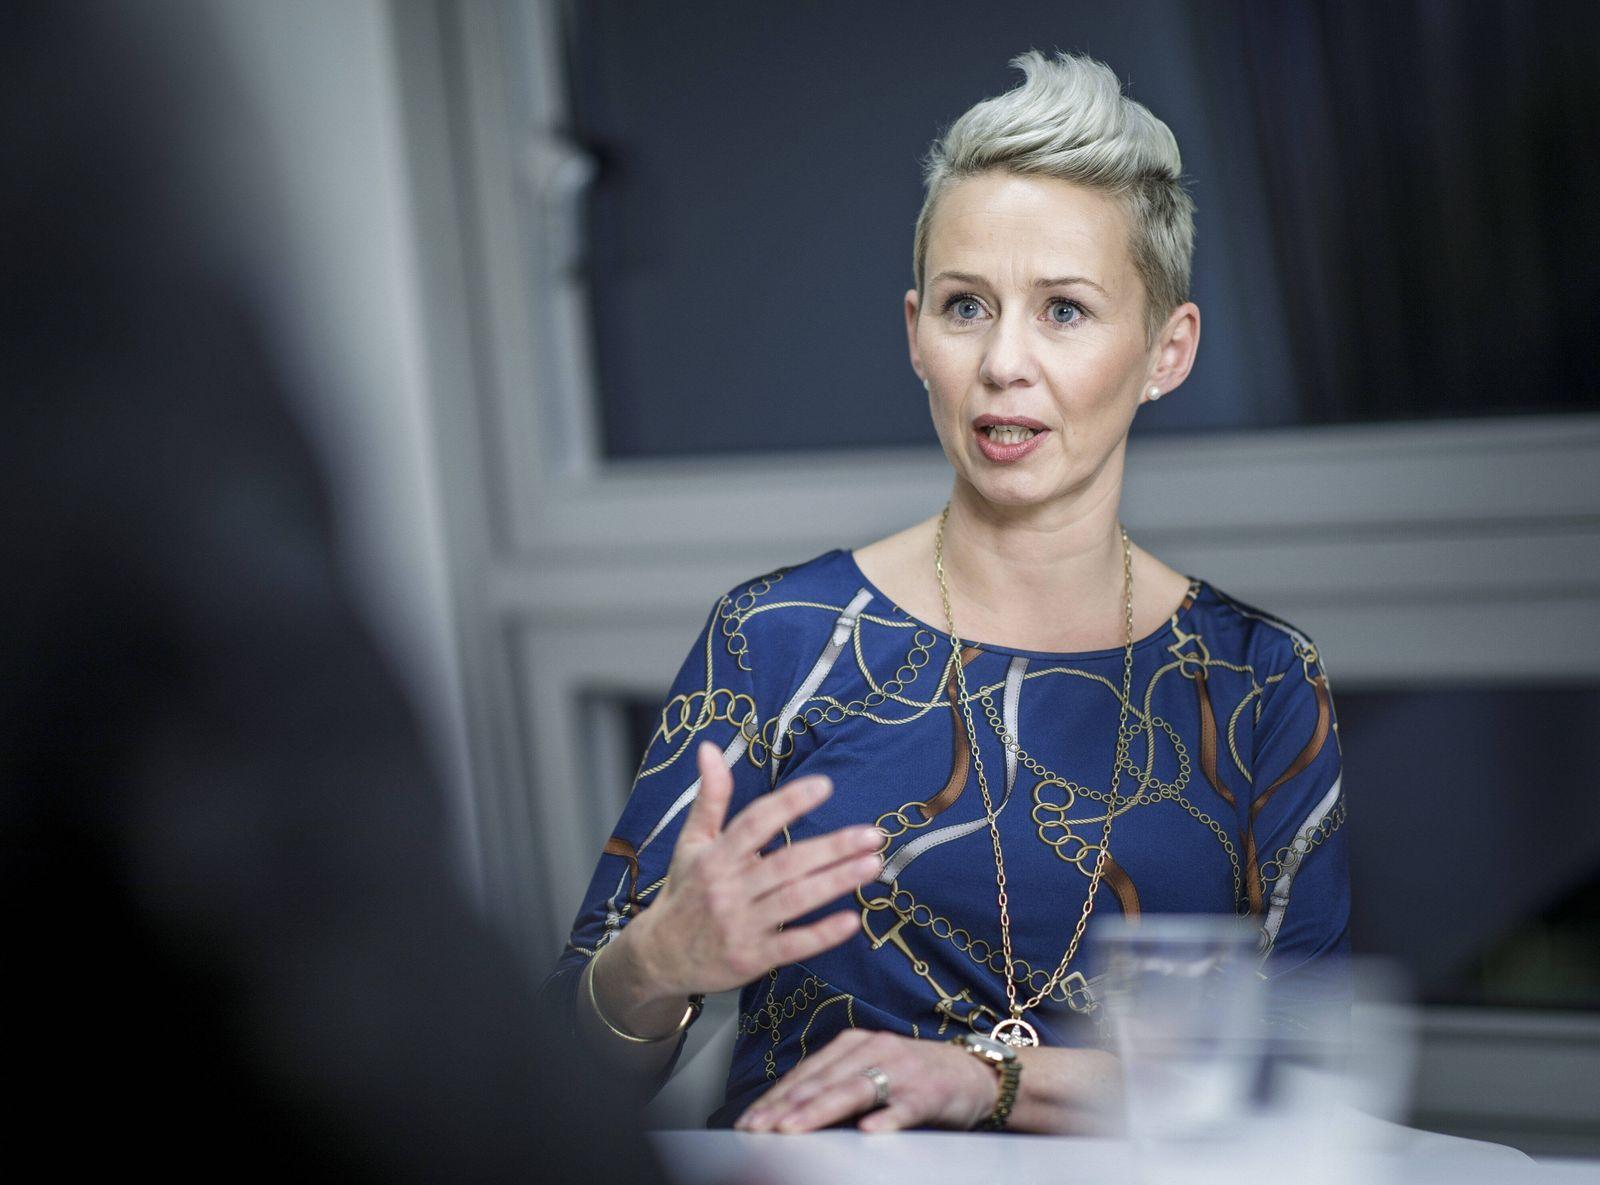 Silvia Breher, stellvertretende Parteivorsitzende der CDU, aufgenommen waehrend eines Interviews. Berlin, 29.01.2020. Be